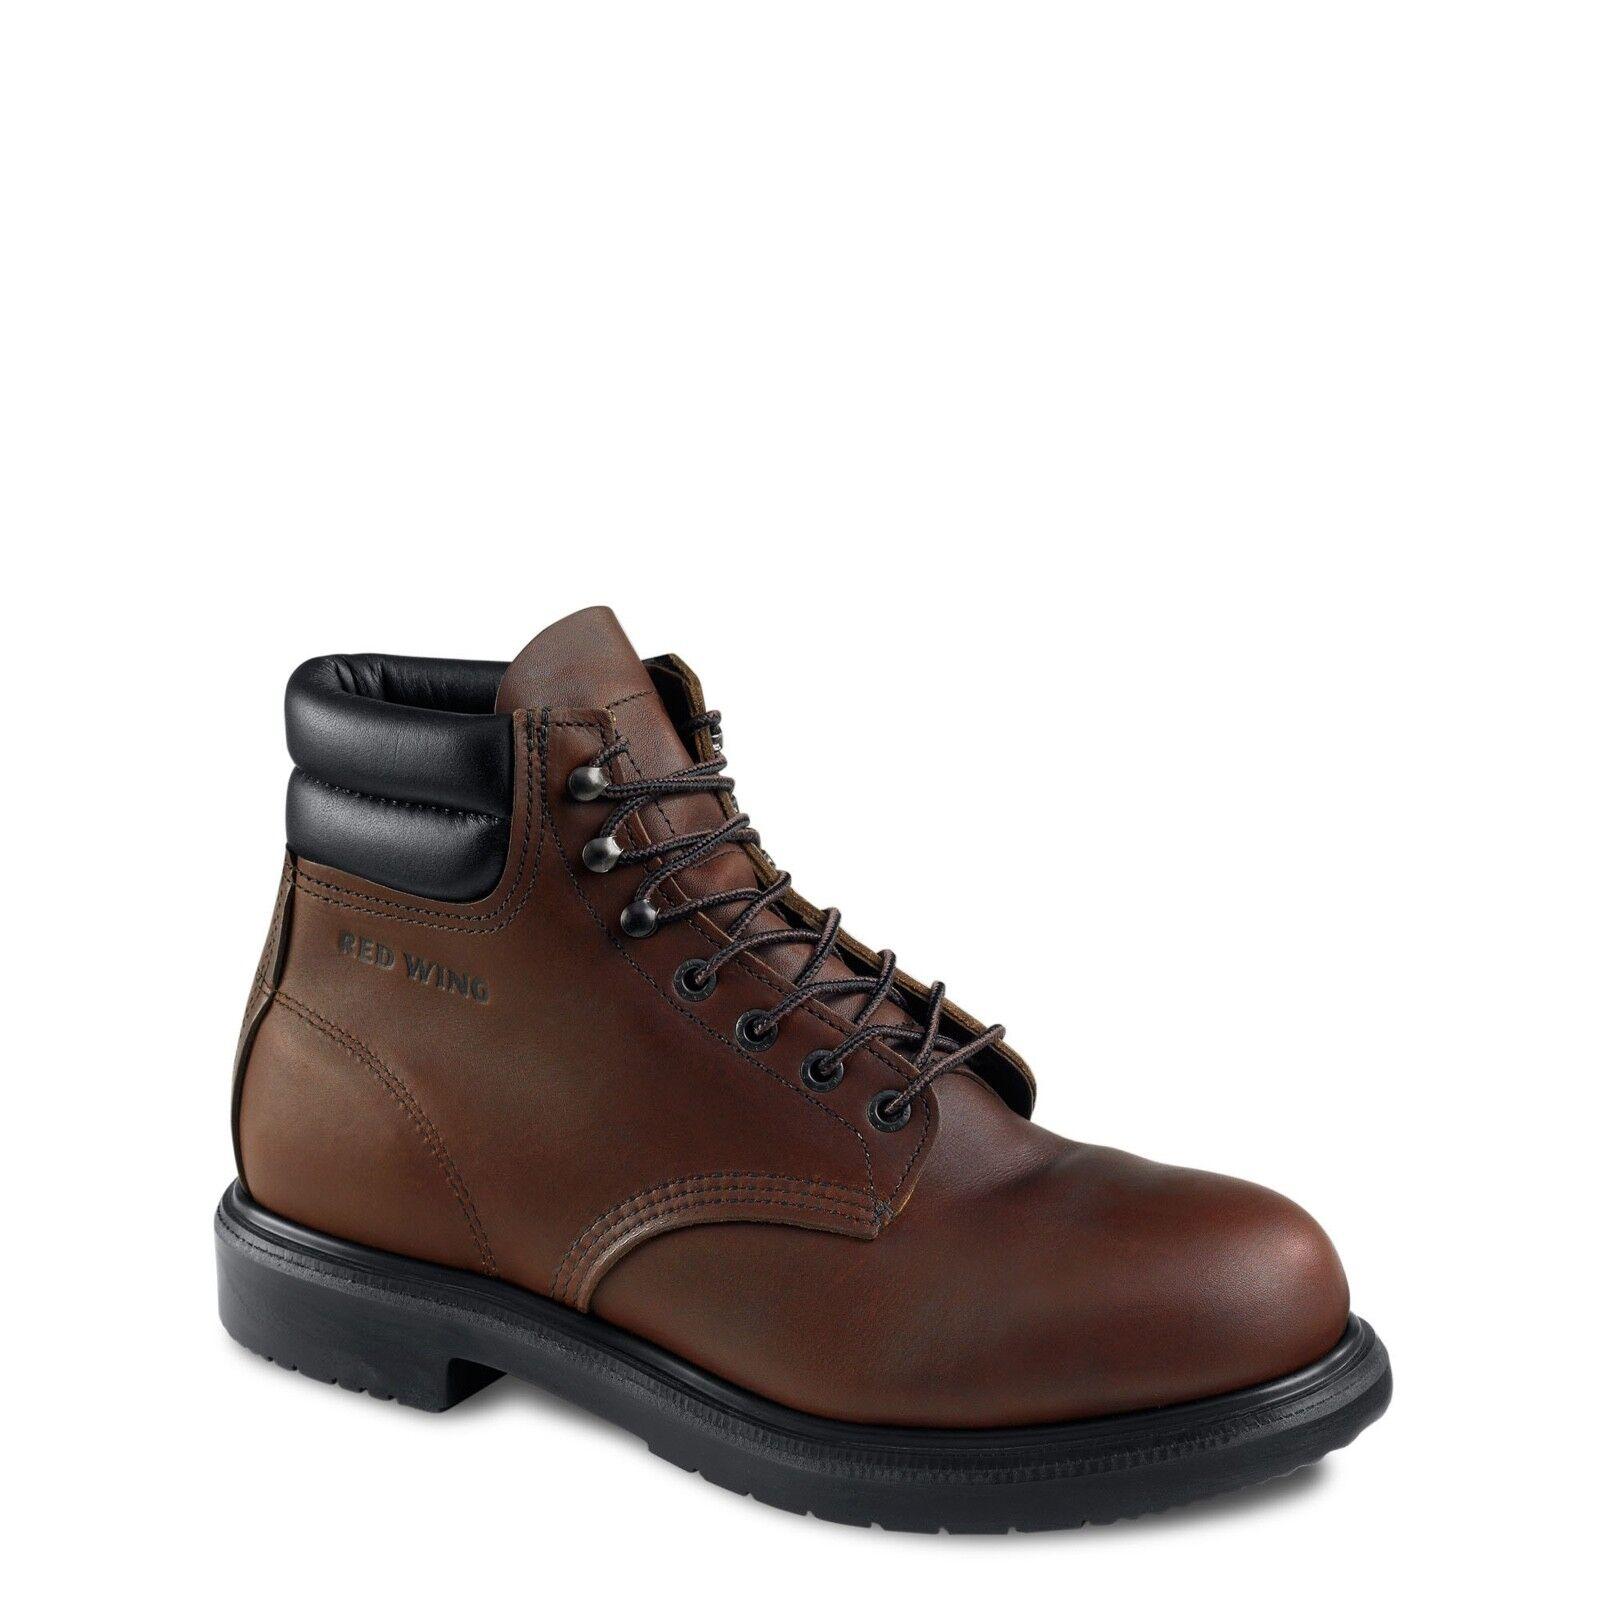 rot WING    2245 SUPERSOLE® 6  Stiefel ELECTRICAL HAZARD STEEL toe EEE width 8  8.5 fef668